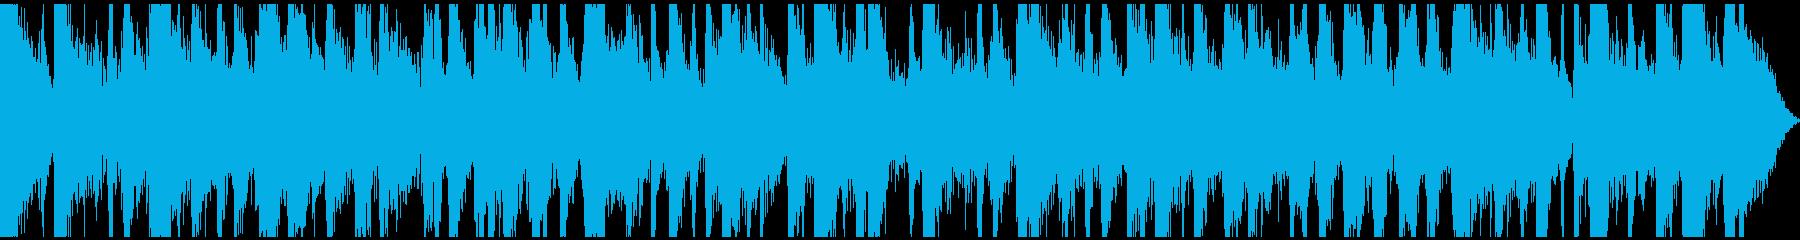 陽気なホーンのキューバ音楽 15秒の再生済みの波形